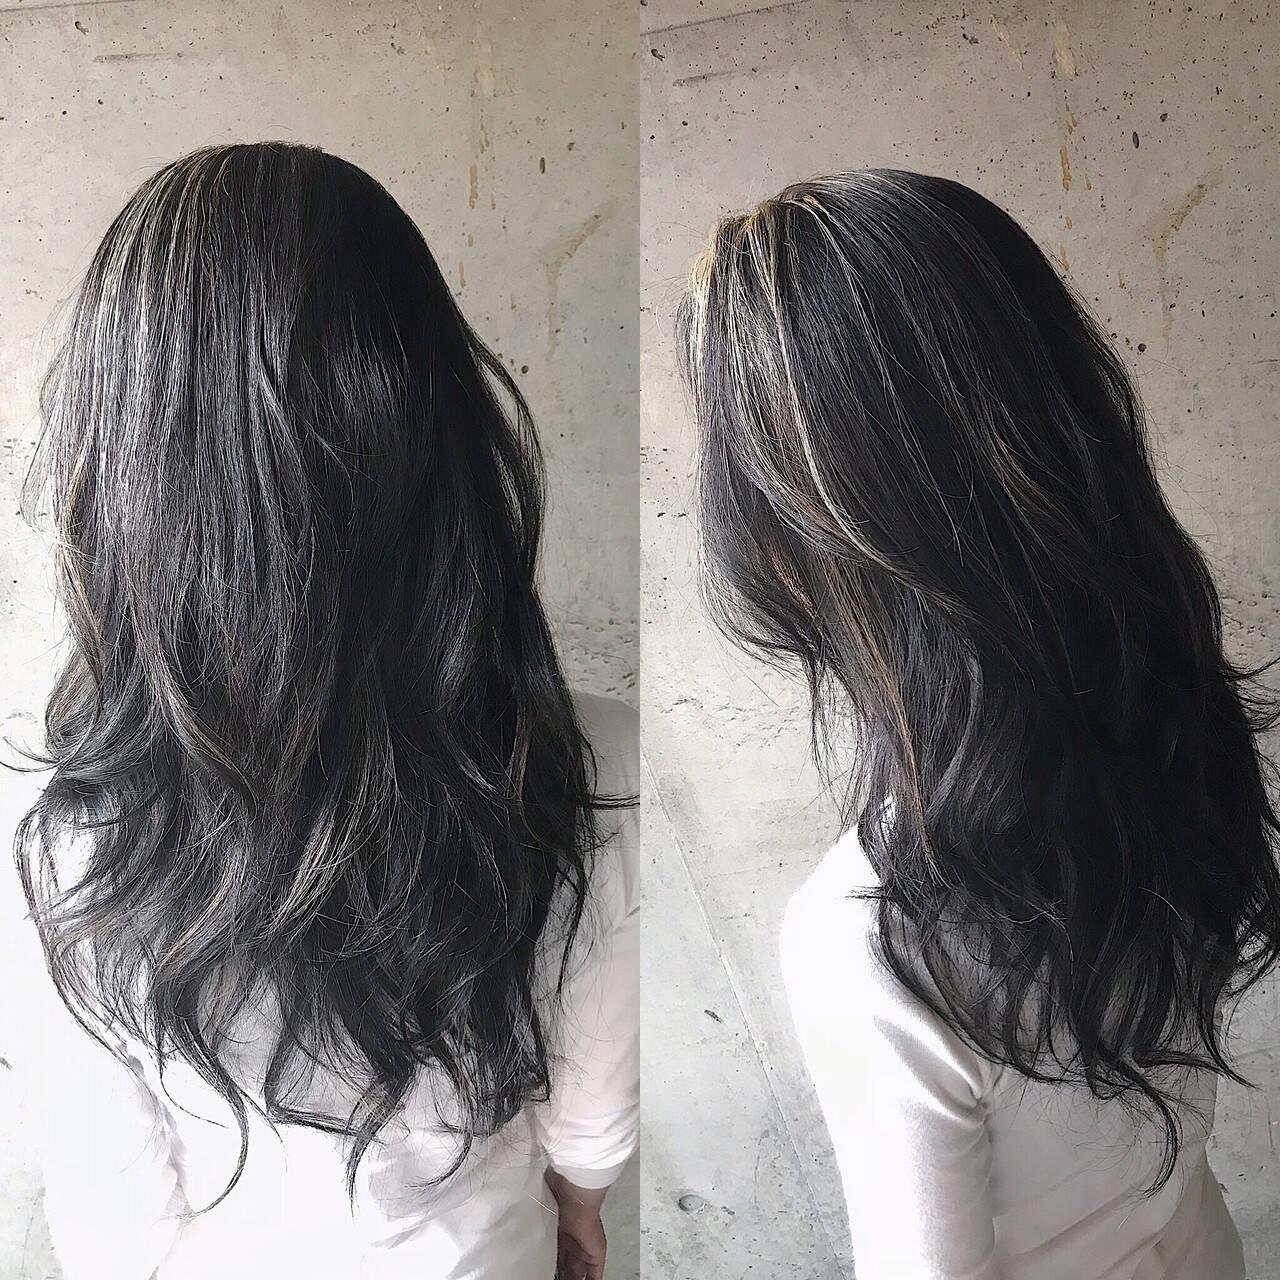 ロング ナチュラル バレイヤージュ 大人ハイライトヘアスタイルや髪型の写真・画像